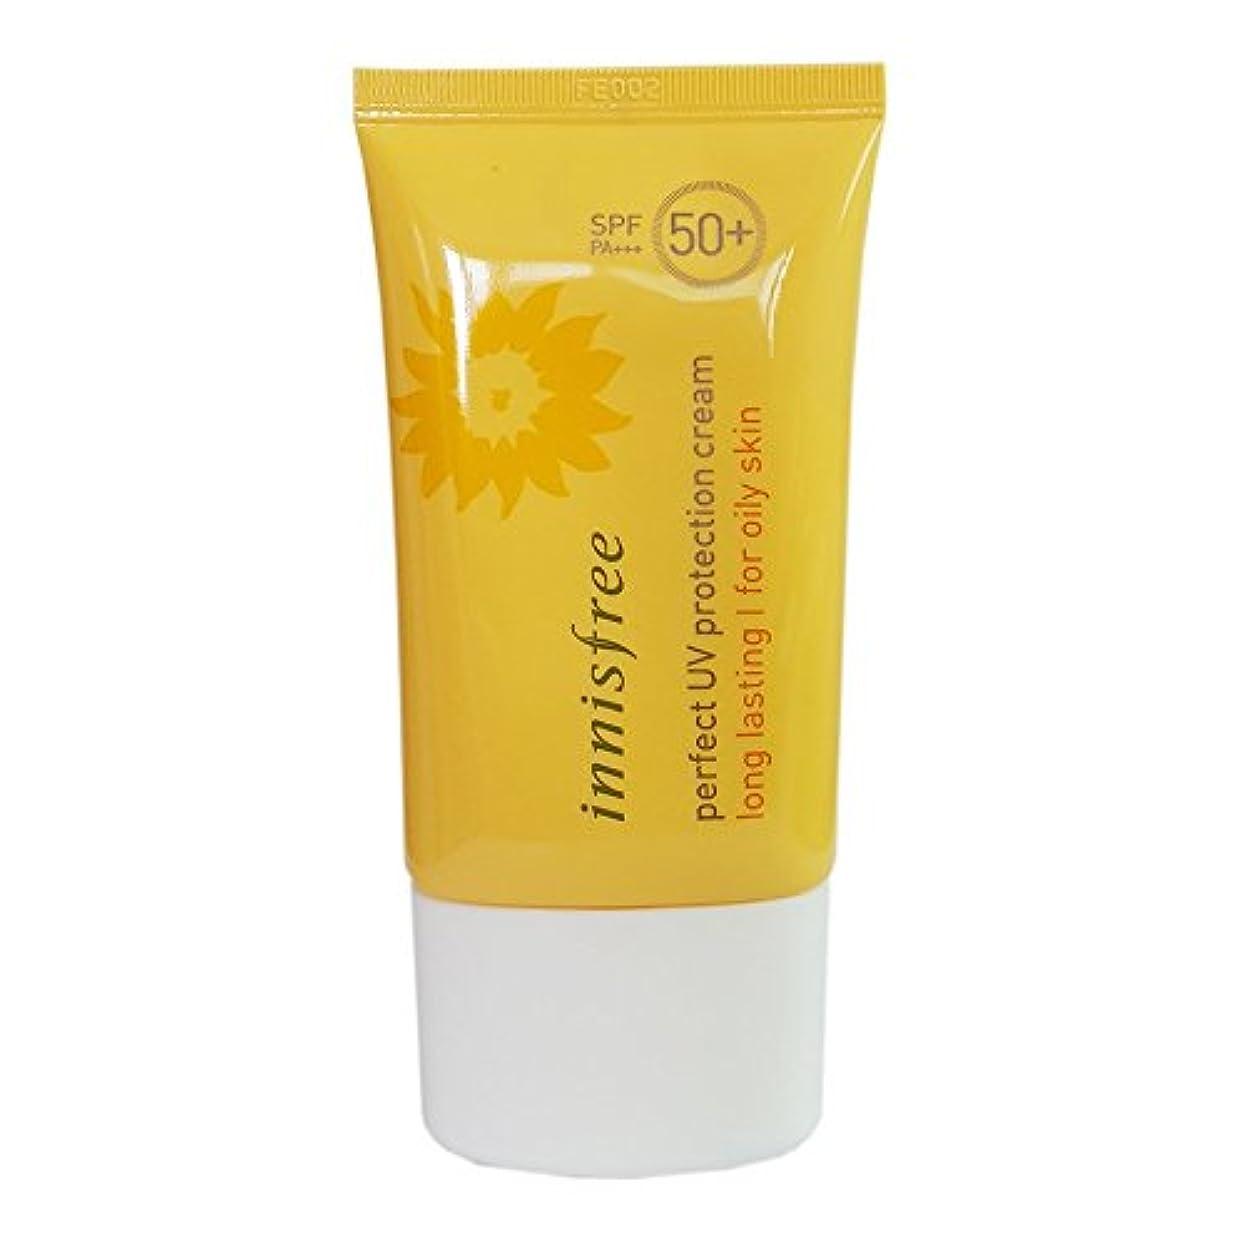 くすぐったい子供っぽい退屈[イニスプリー]Innisfree パーフェクトUVプロテクションクリームロング?ラスティング 脂複合性肌用 SPF50+PA+++ 50ml Innisfree Perfect UV Protection Cream Long Lasting For Oily skin SPF50+PA+++ 50ml [海外直送品]